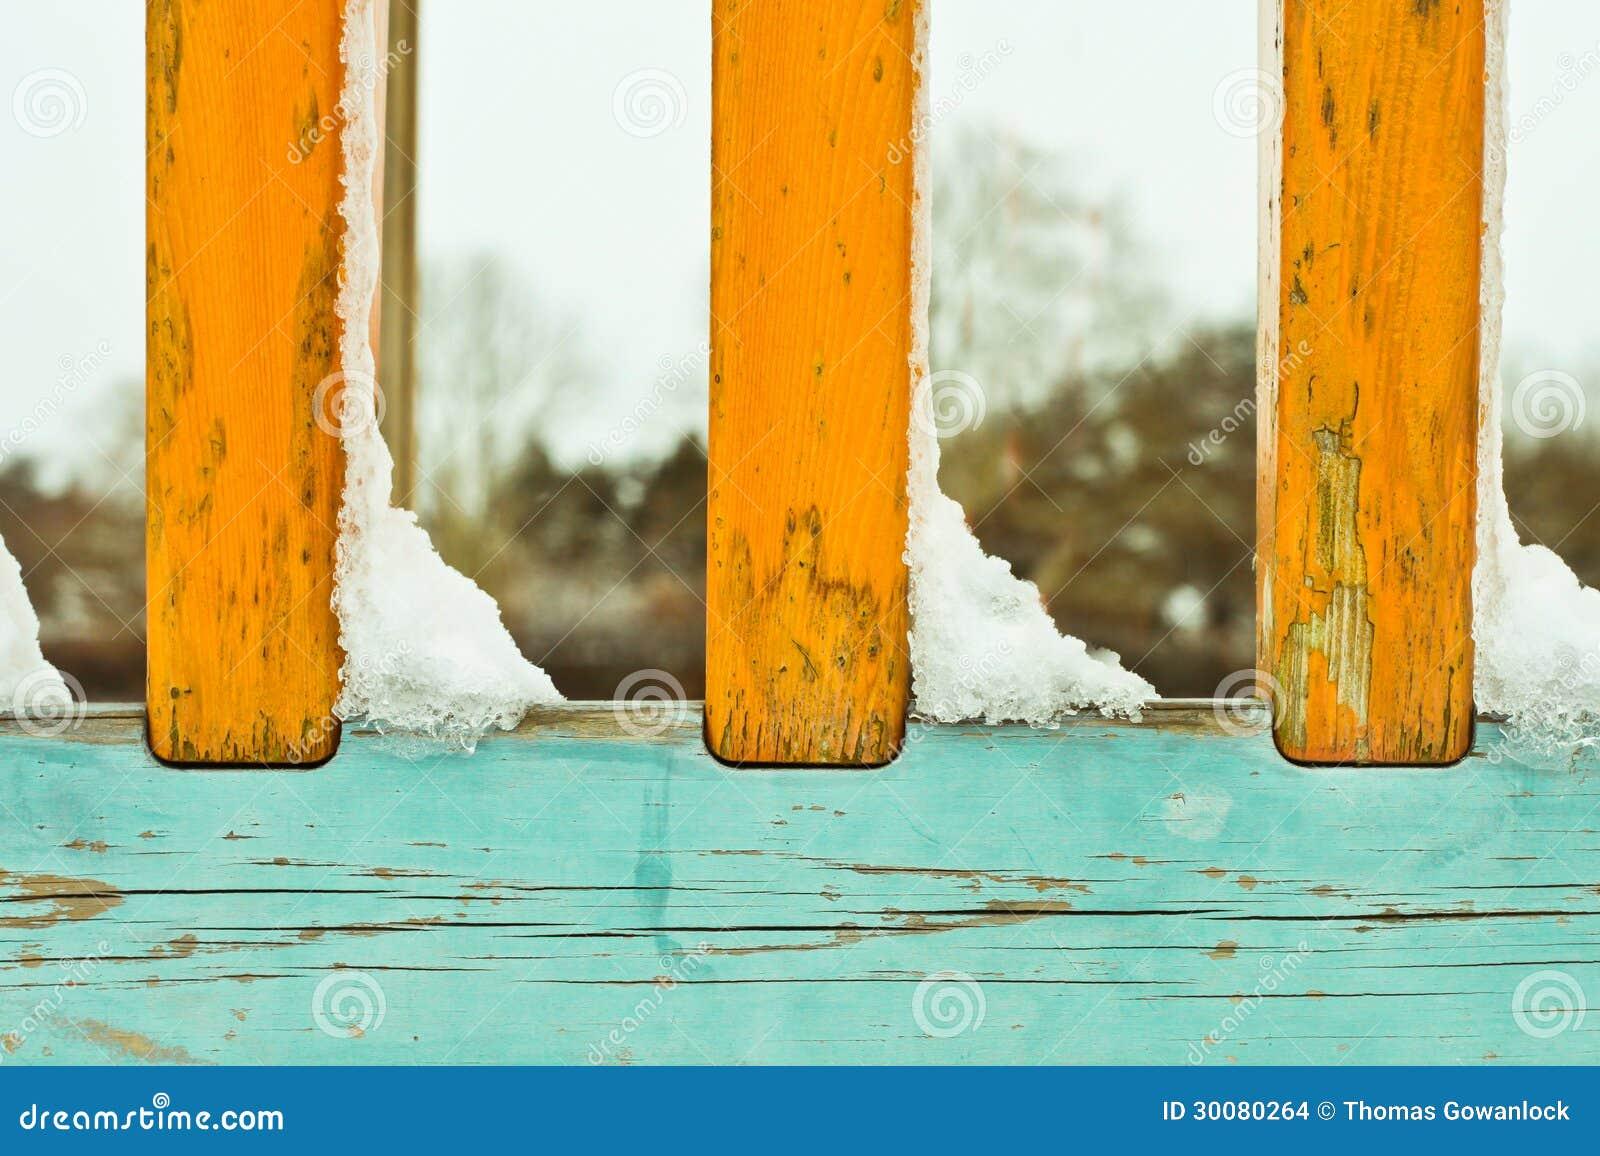 Nieve en las verjas foto de archivo imagen de desviaci n - Verjas de madera ...